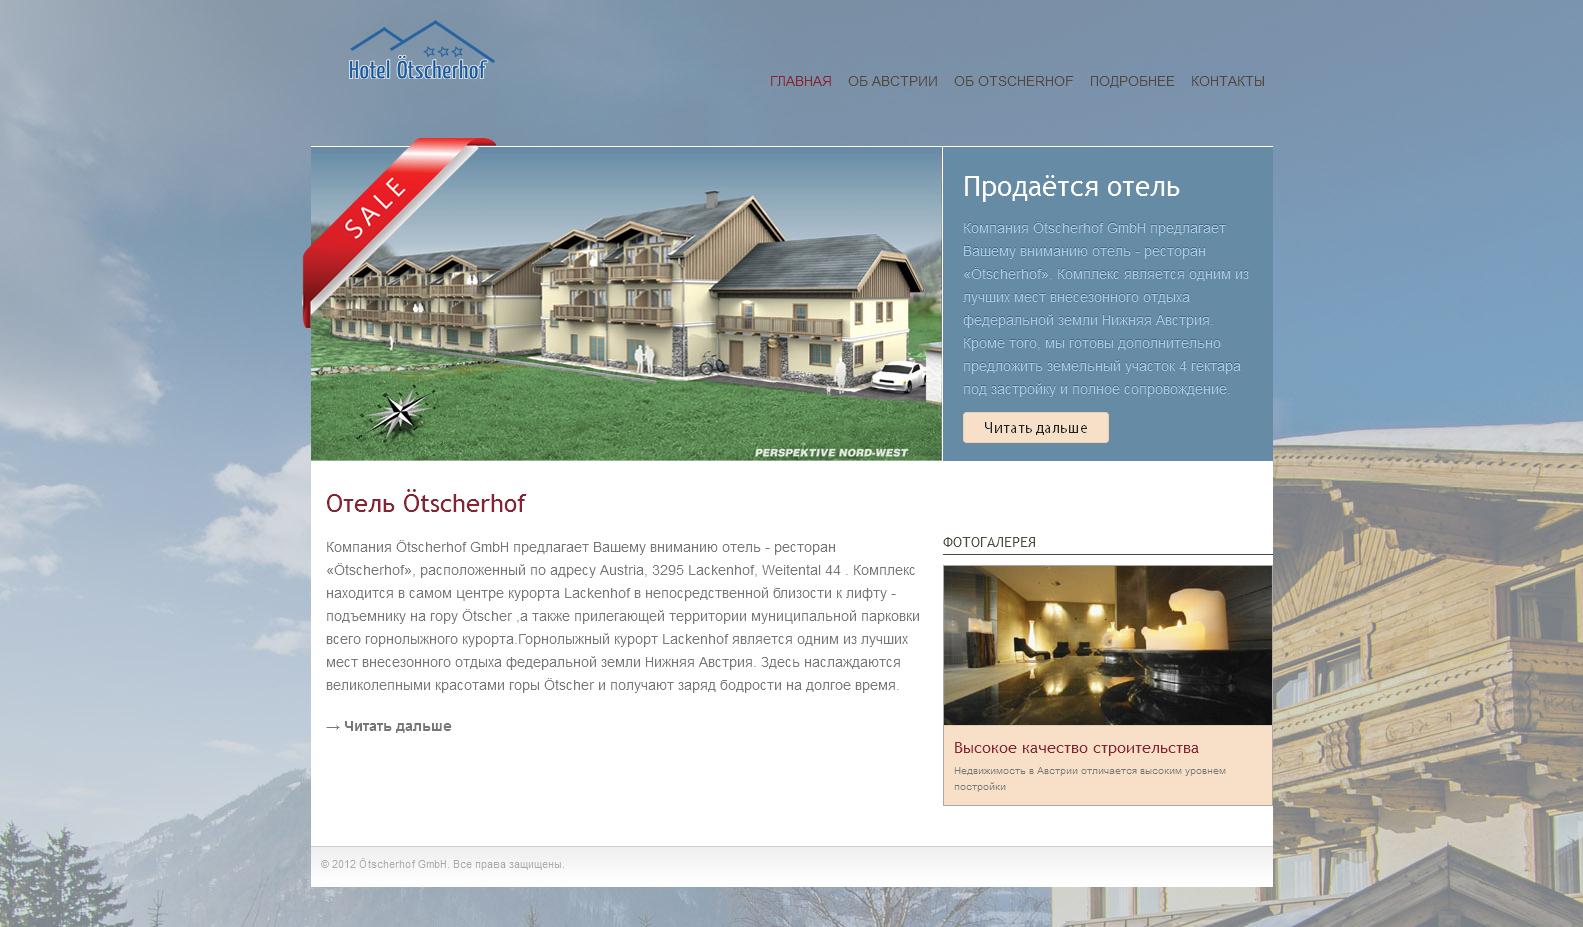 Hotel Otscherhof